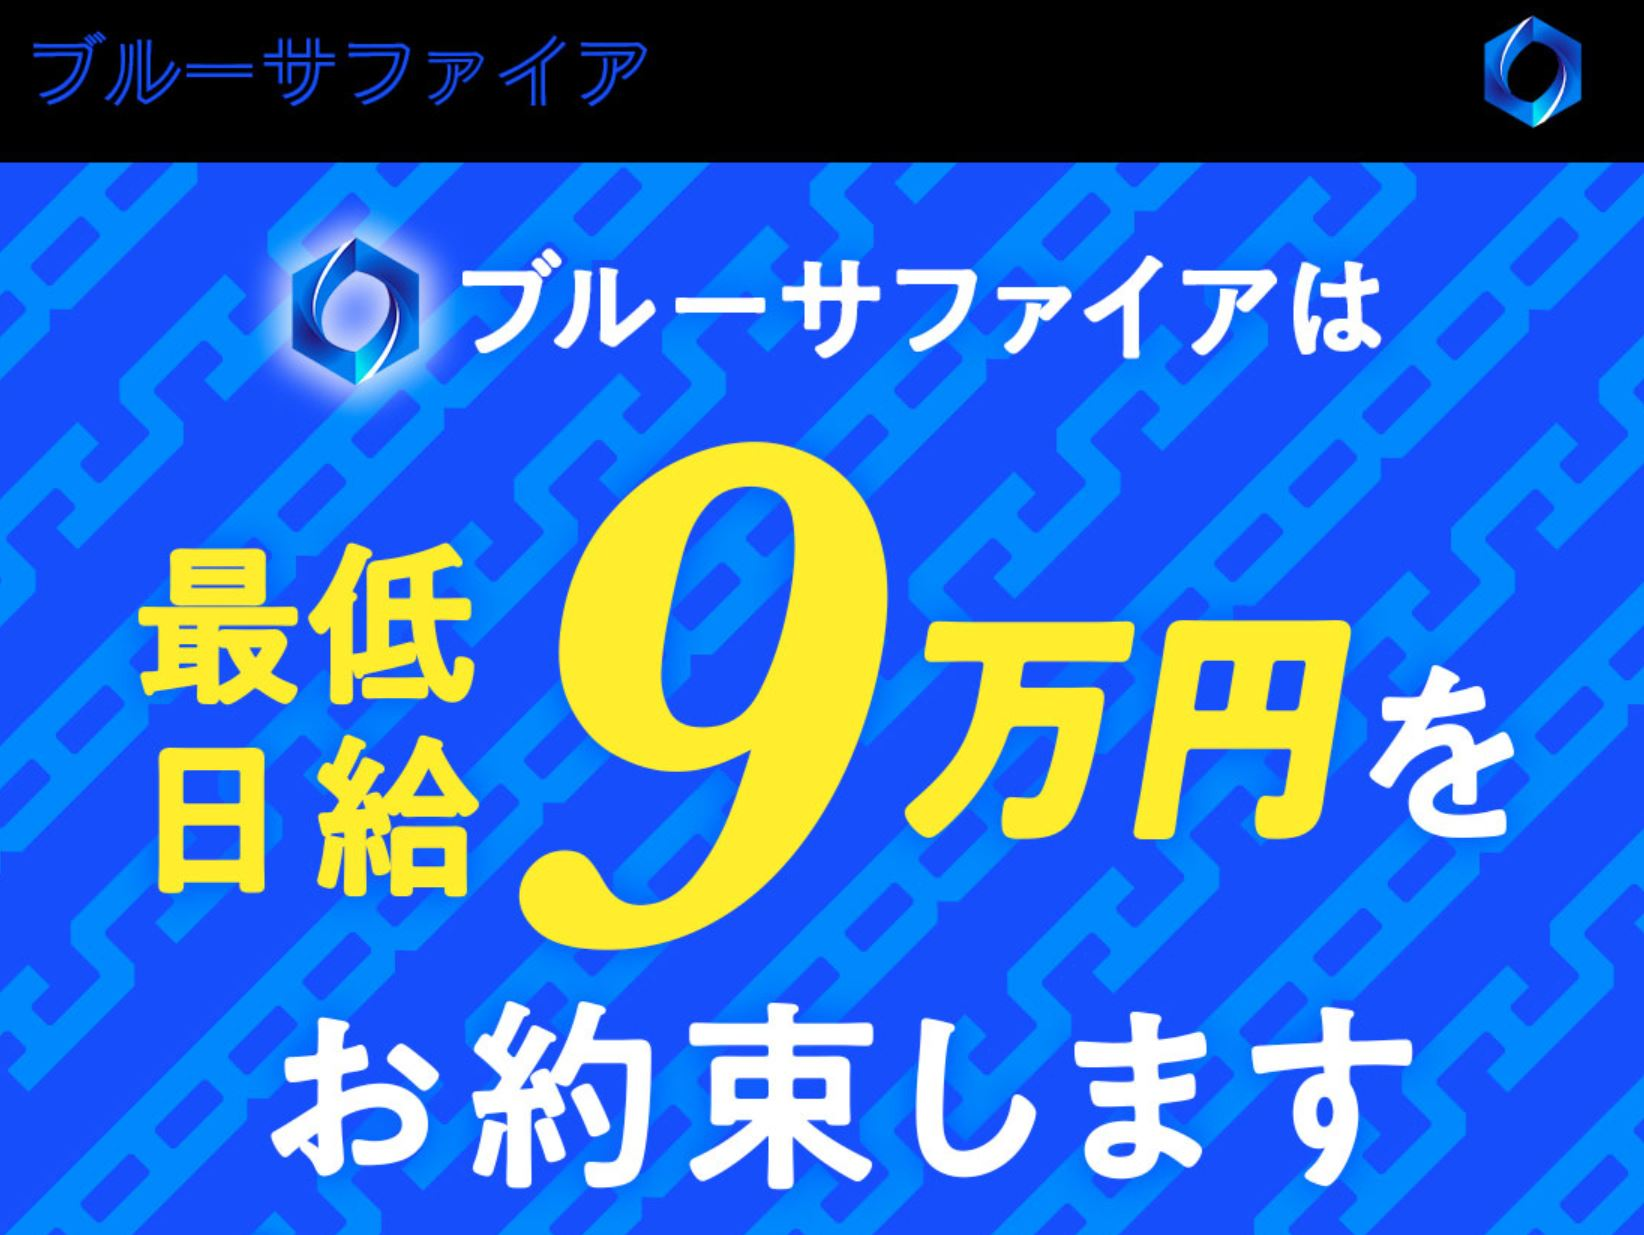 佐藤詩穂 ブルーサファイアで最低日給9万円は本当に稼げる?副業調査